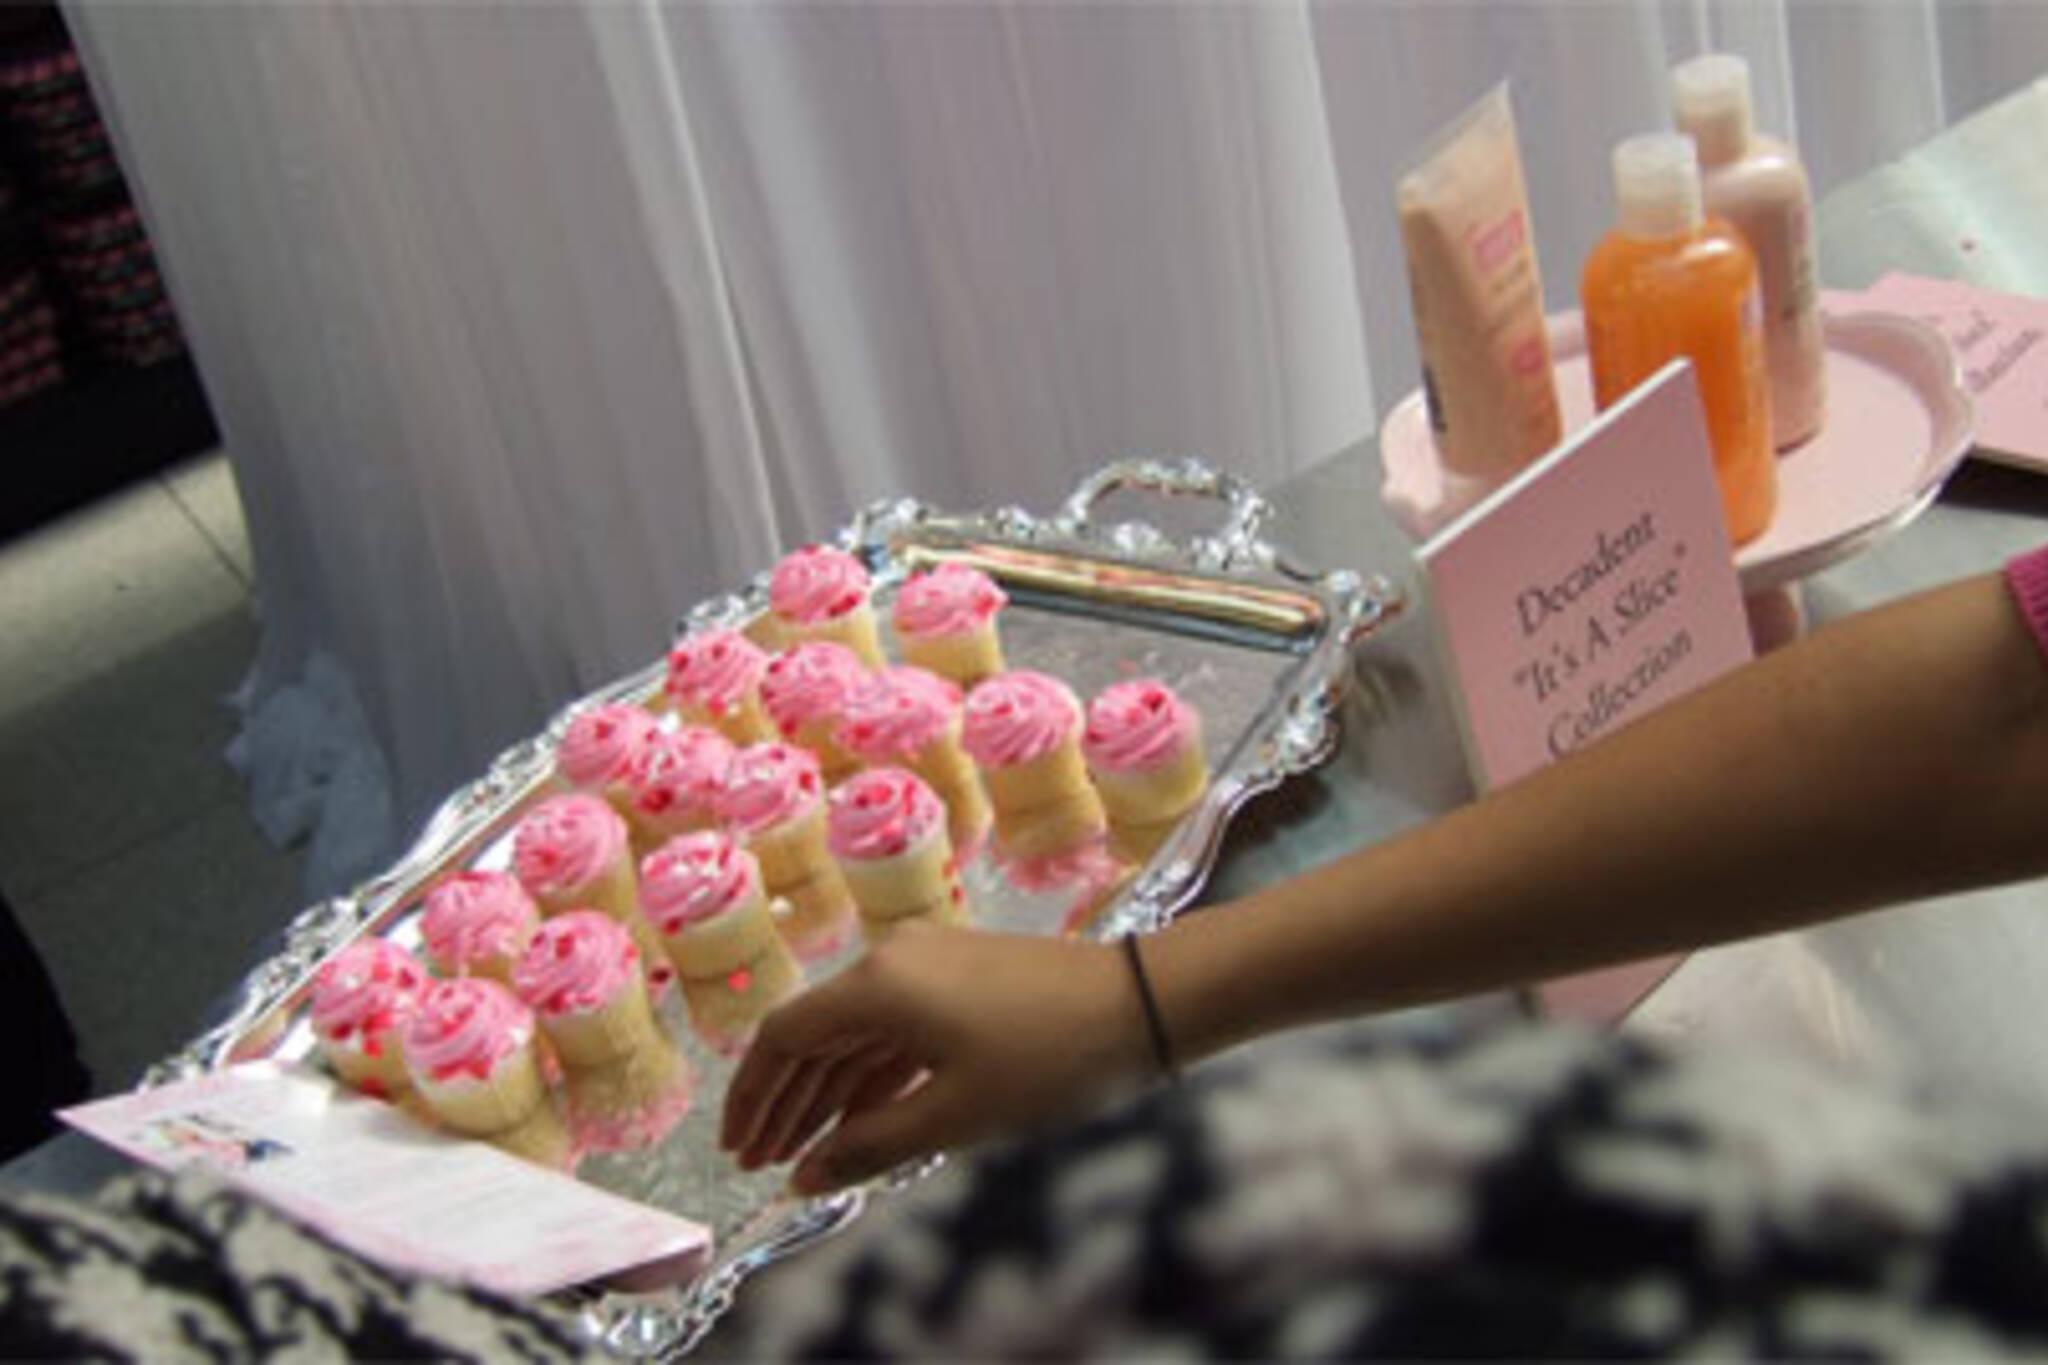 Cupcakes-a-plenty